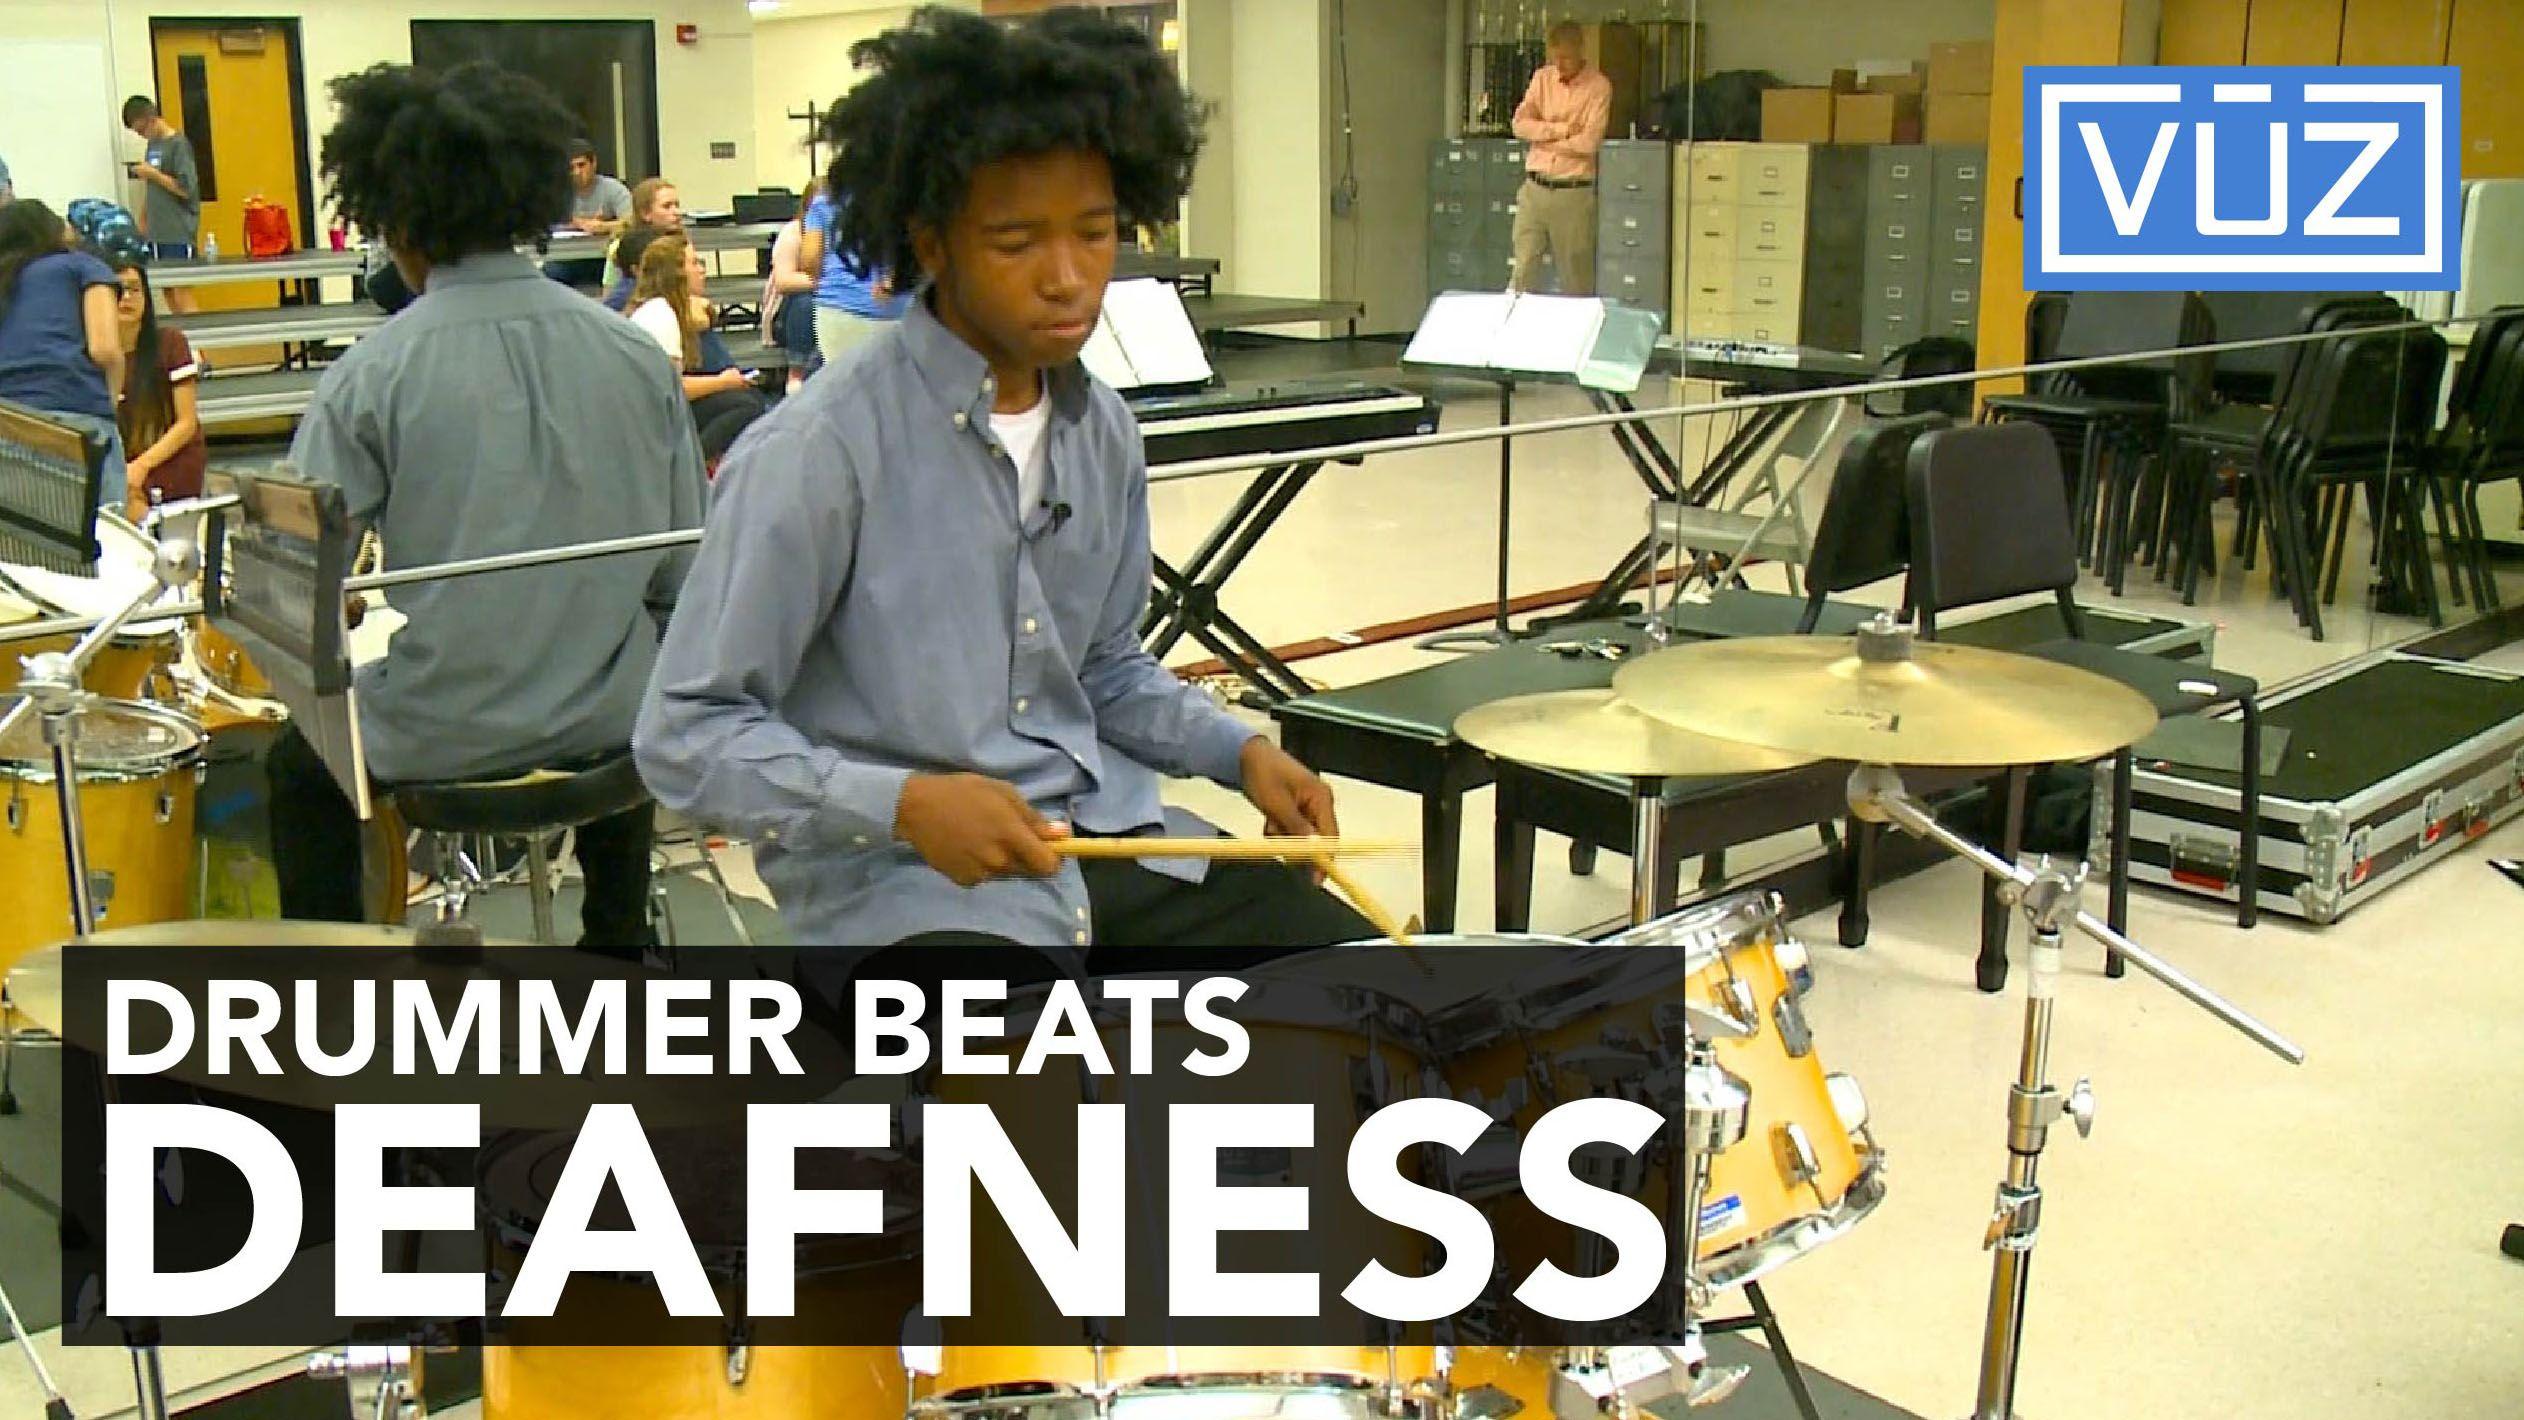 deaf-drummer-1495046989